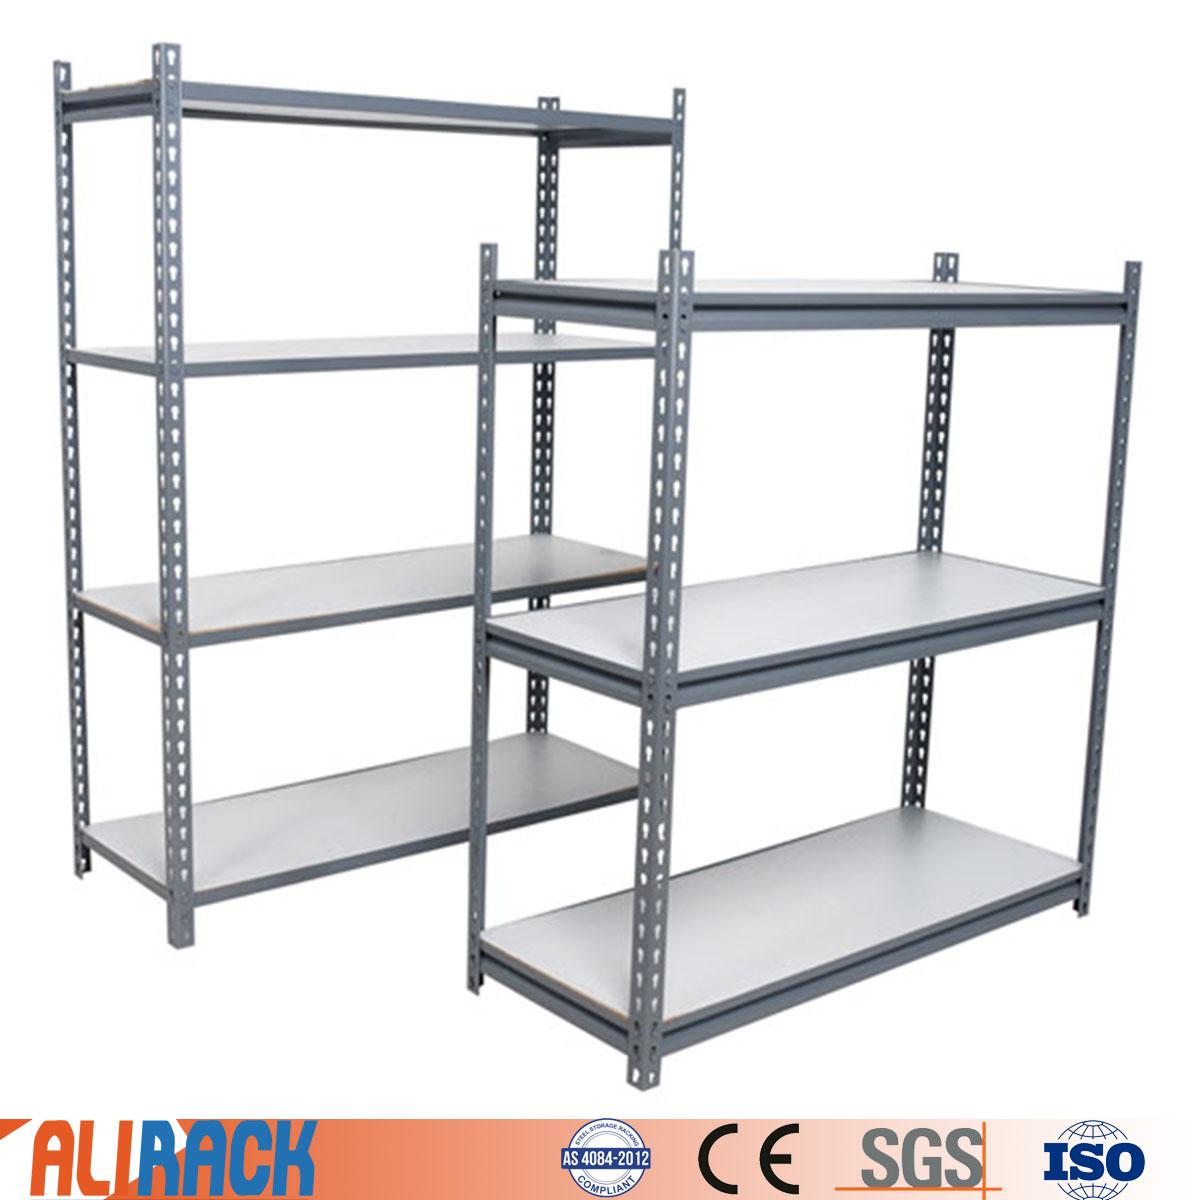 ALI RACKING Light duty shelving racking Boltless Rivet Shelving Adjustable Metal Storage Shelving Ra